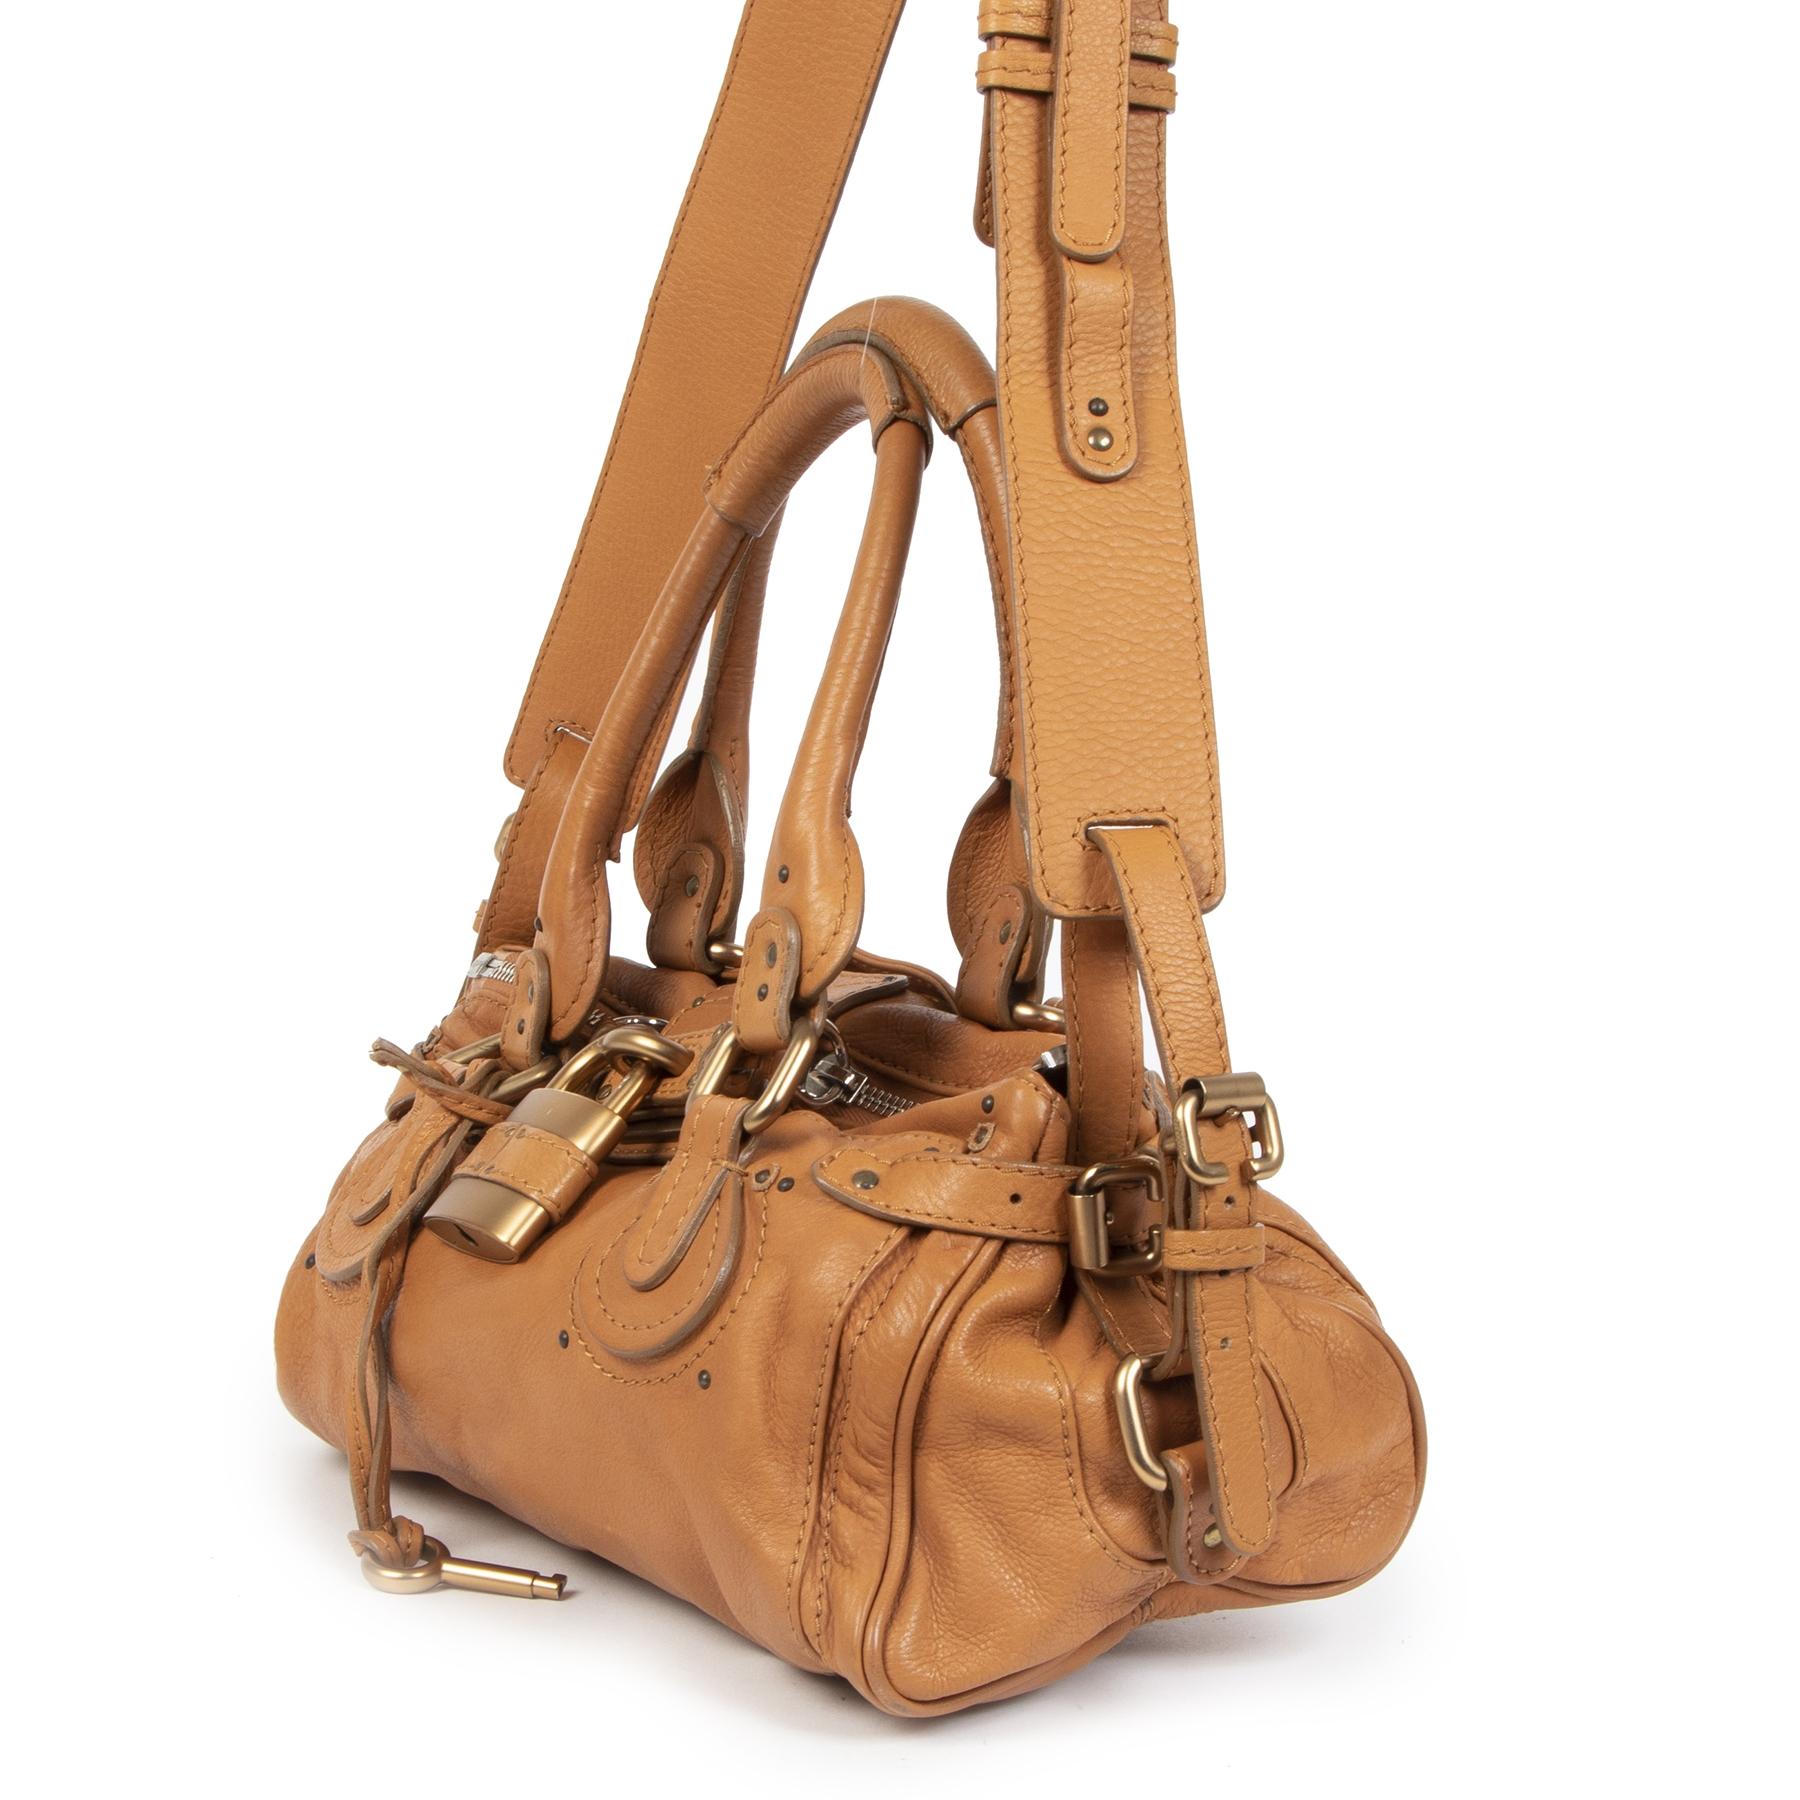 Authentieke Tweedehands Chloé Paddington Aged Cognac Leather Medium Bag juiste prijs veilig online shoppen luxe merken webshop winkelen Antwerpen België mode fashion